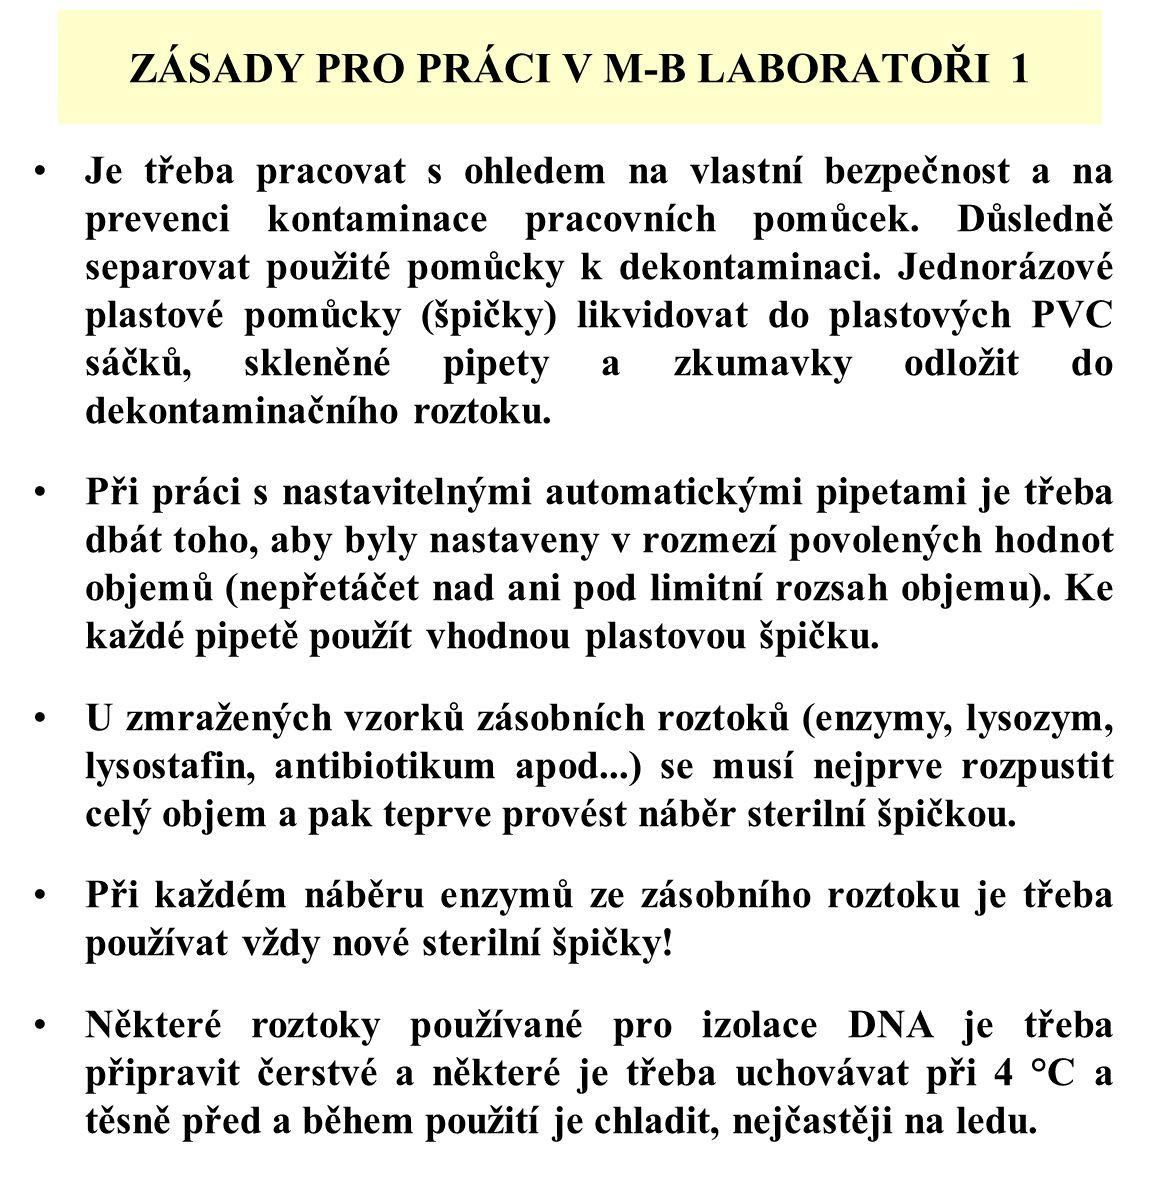 ZÁSADY PRO PRÁCI V M-B LABORATOŘI 1